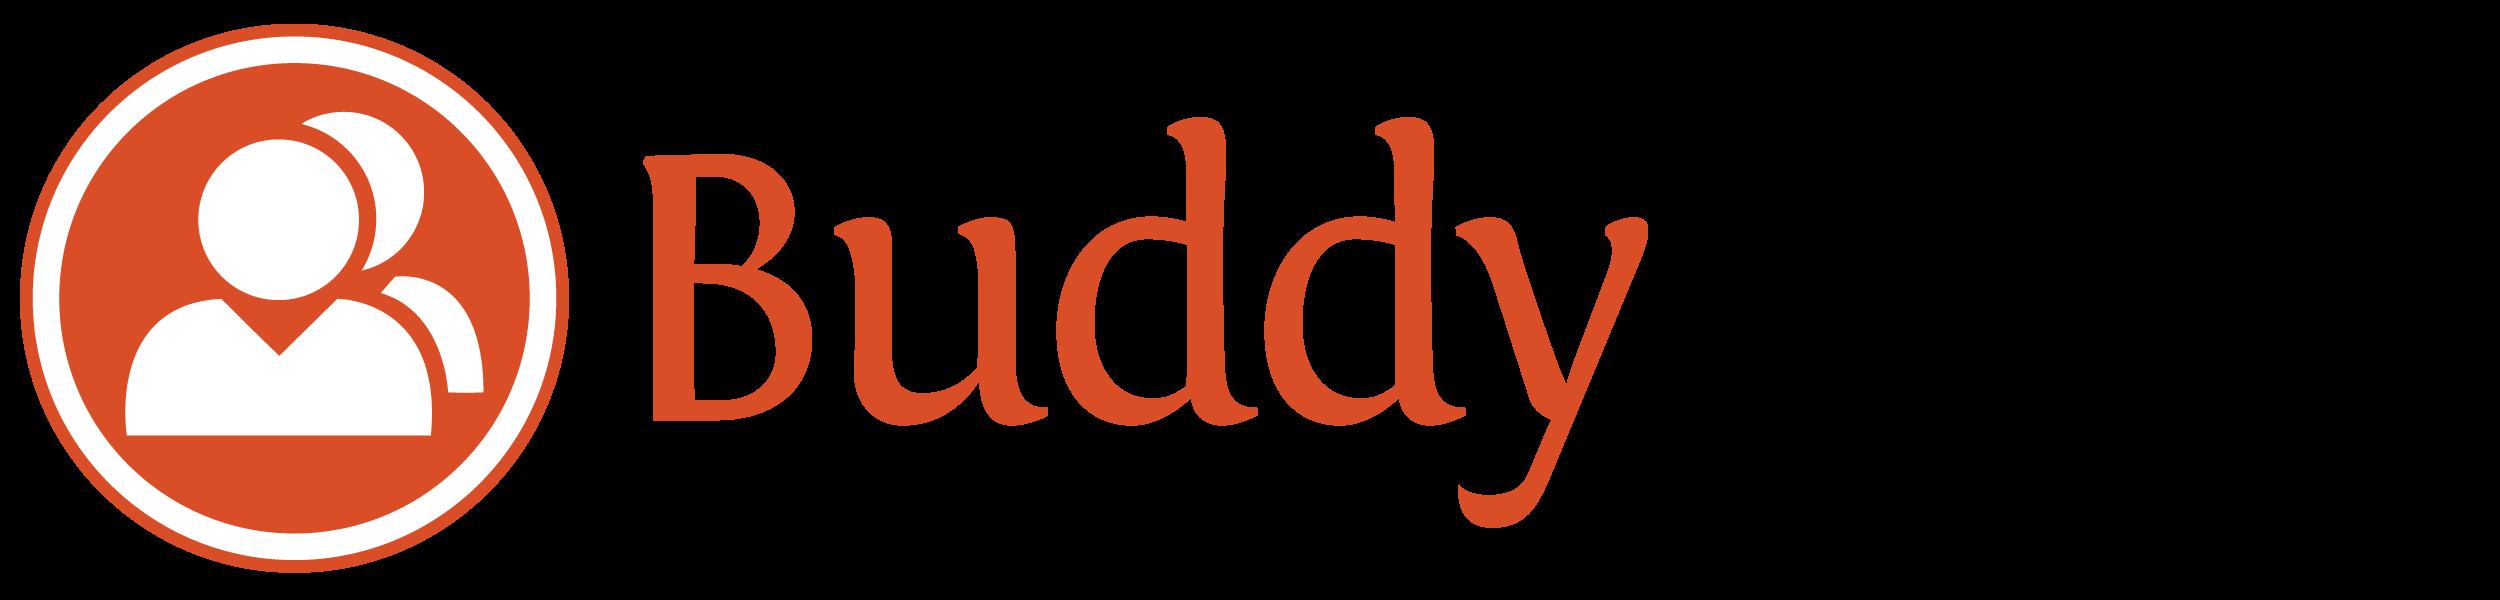 Cоциальная сеть на WordPress, с помощью плагина BuddyPress